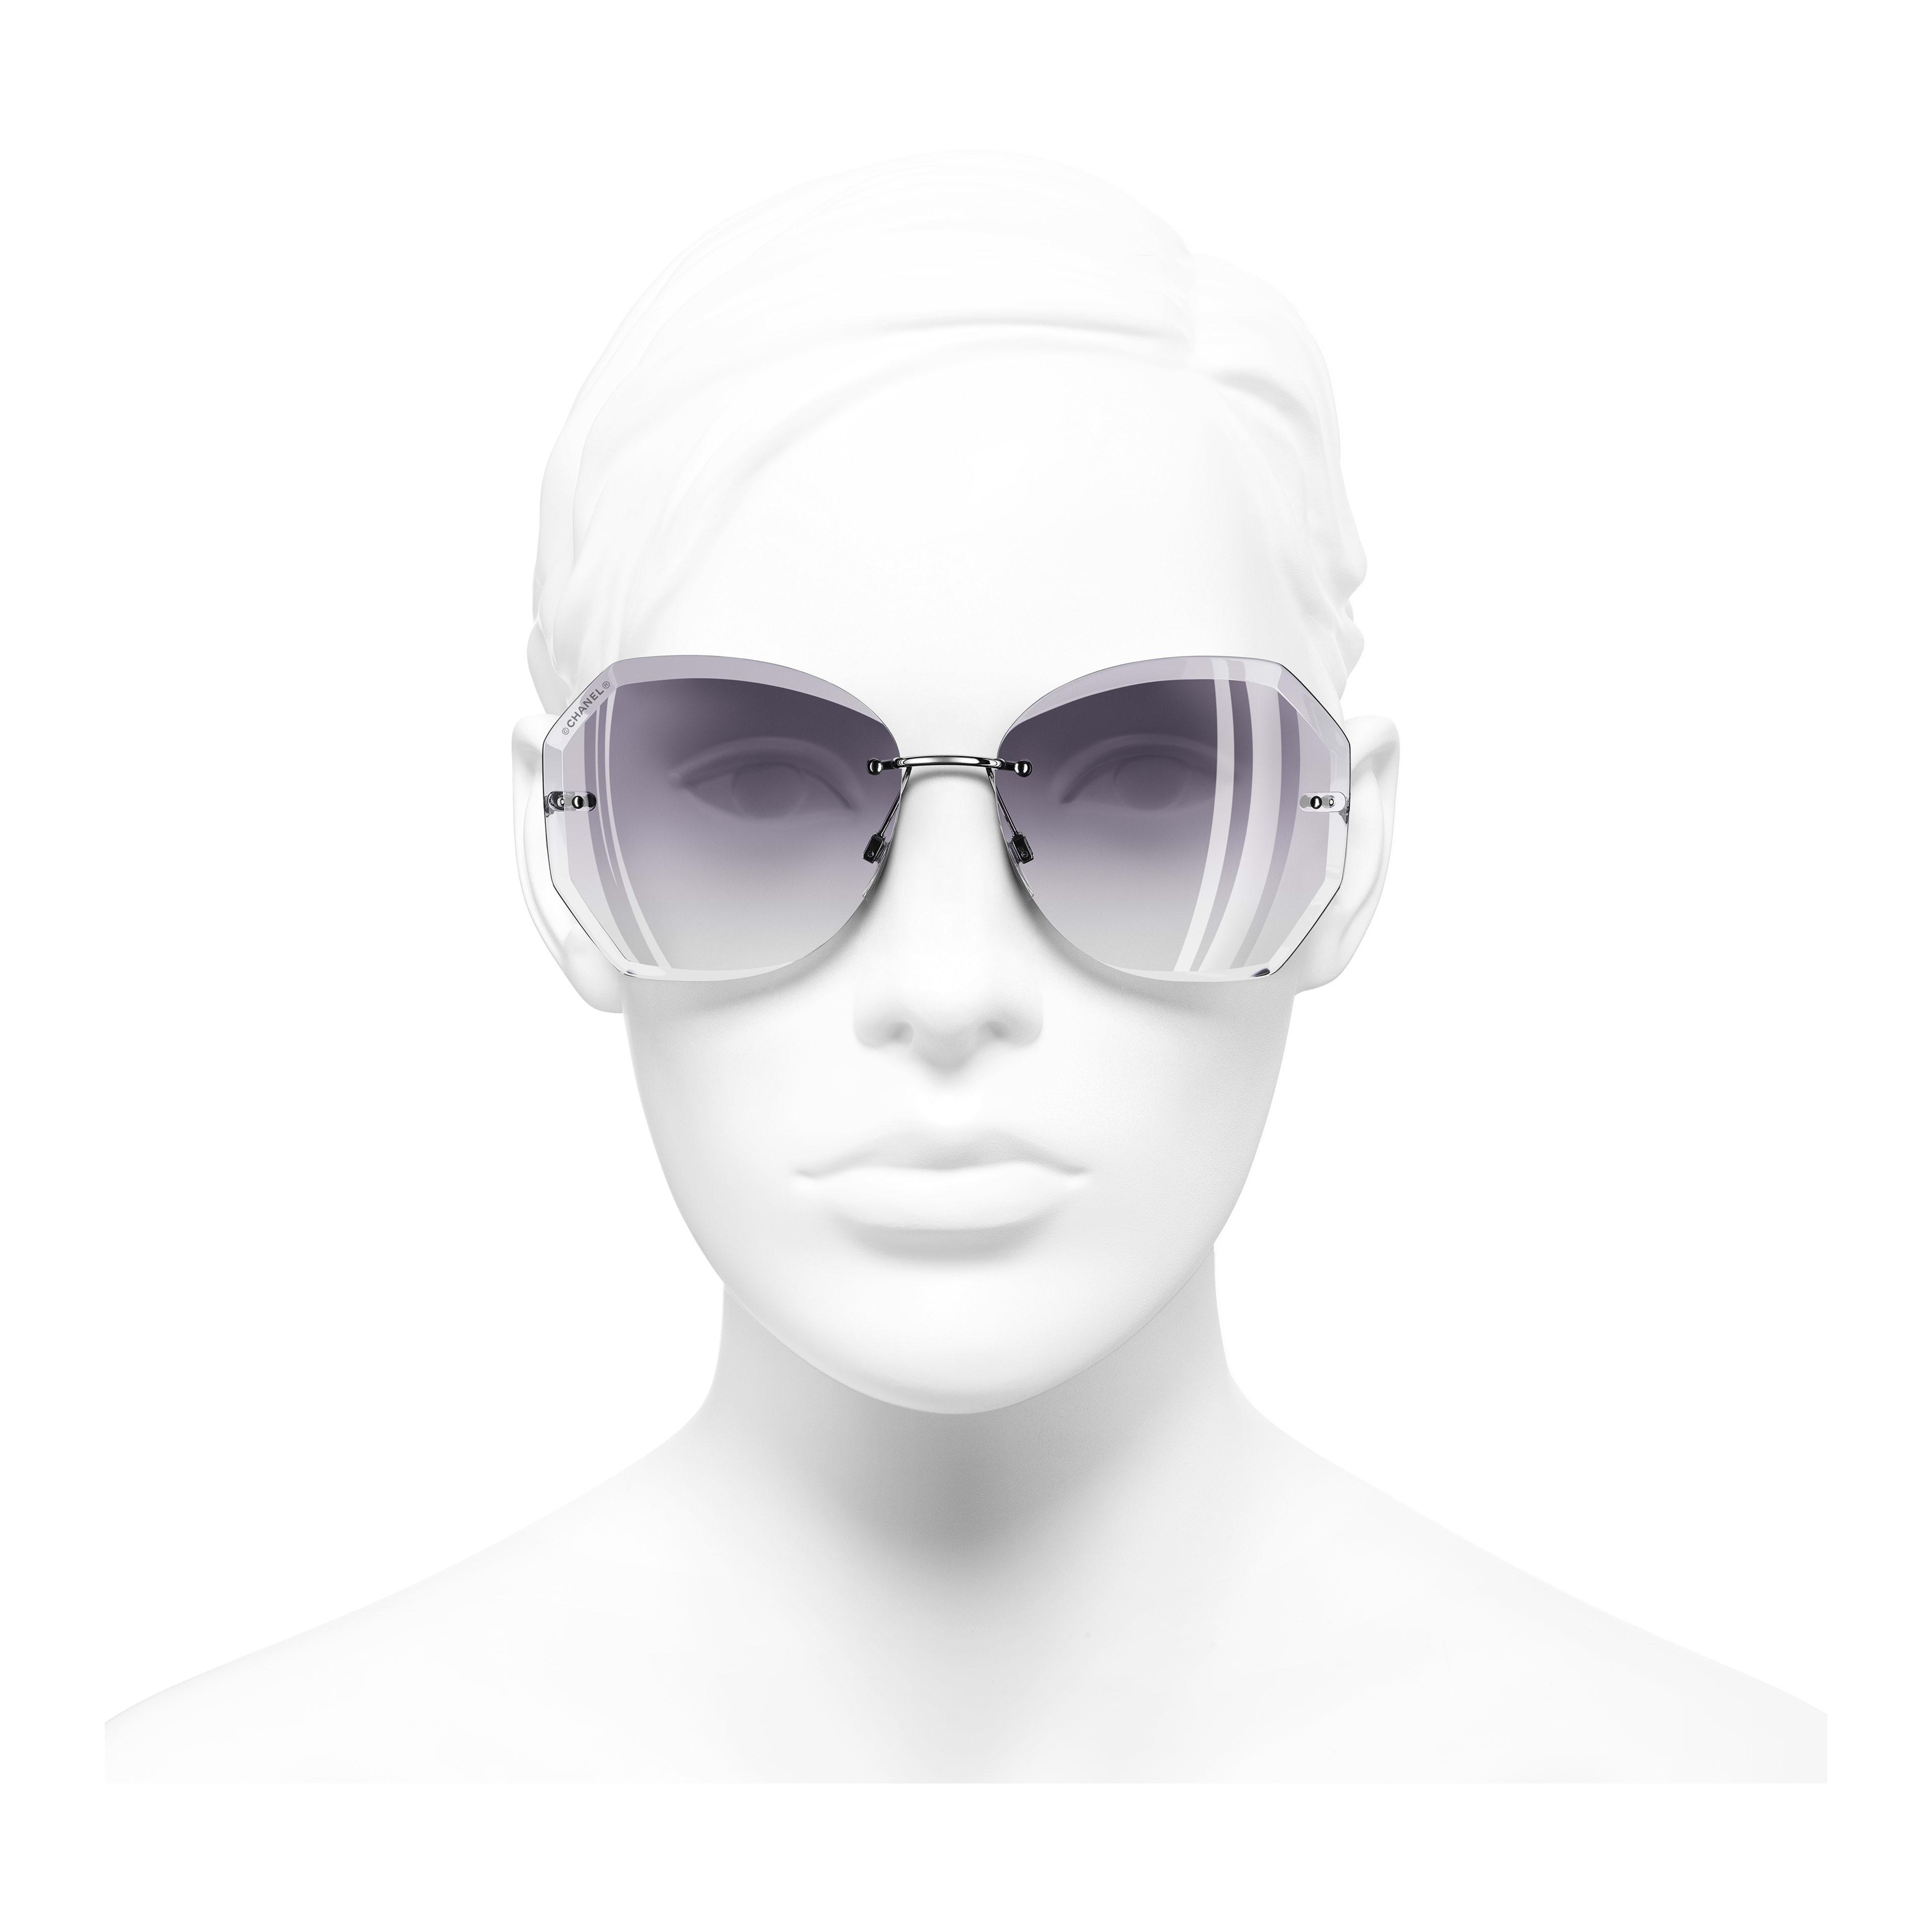 Солнцезащитные очки круглой формы - Серебристый и серый - Металл - Вид анфас - посмотреть полноразмерное изображение